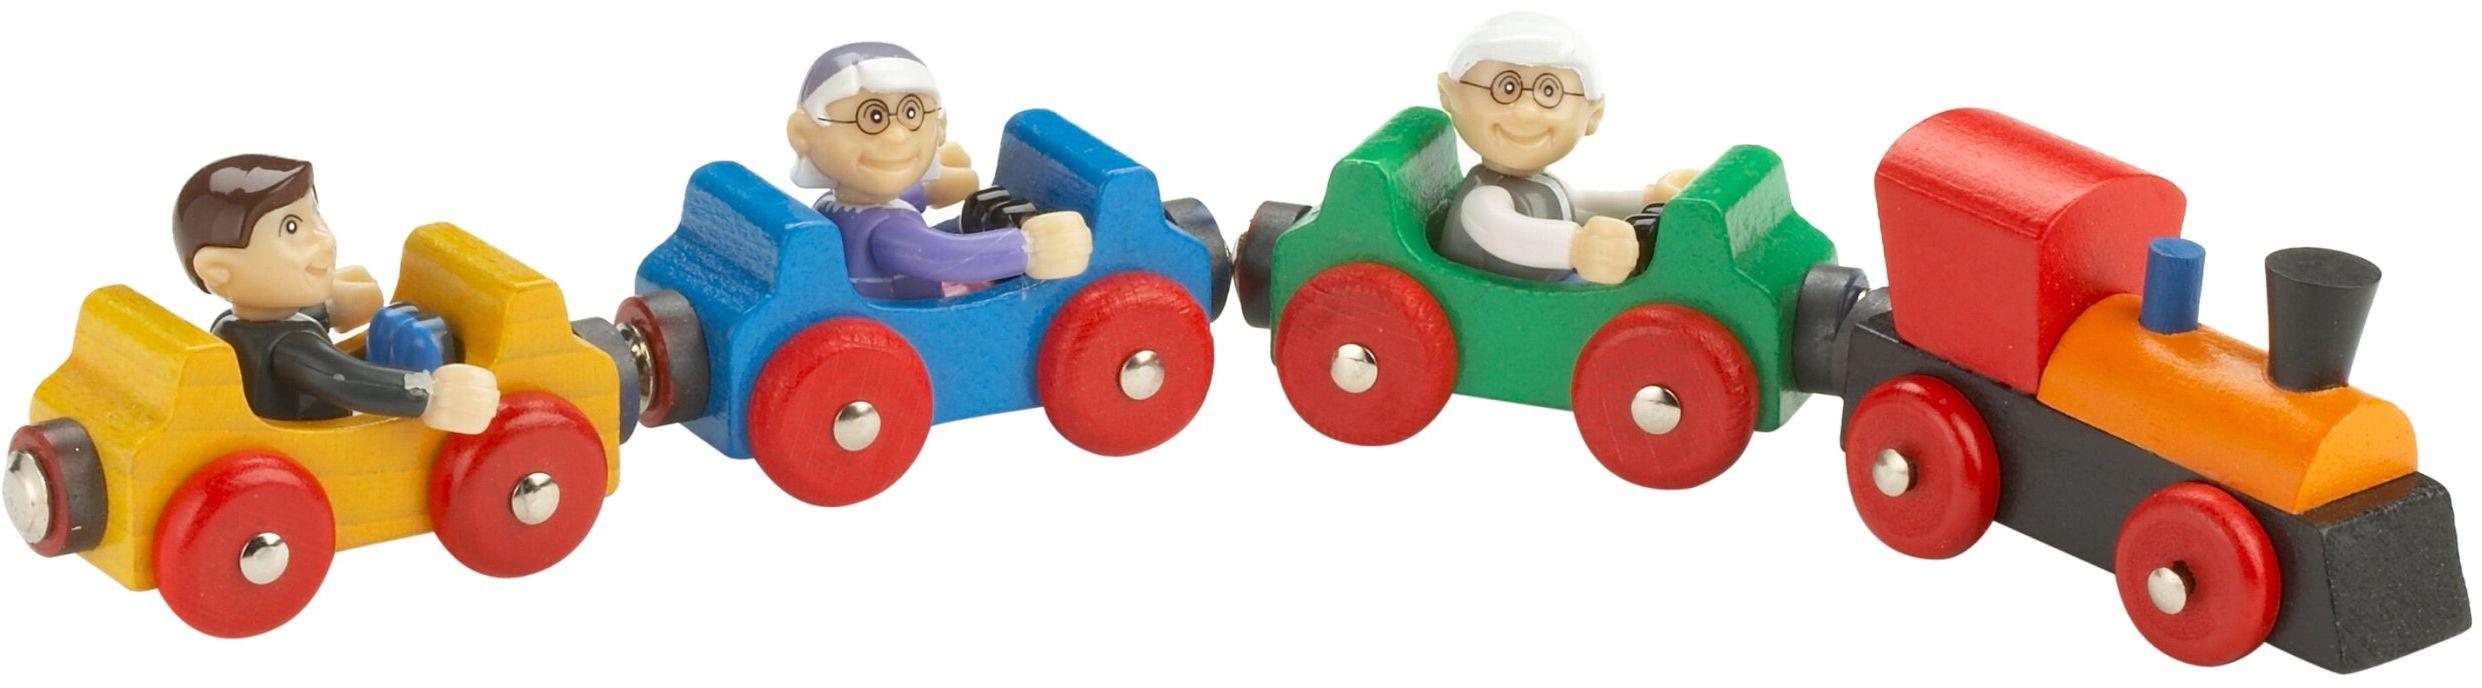 Eichhorn 1164  pociąg z figurkami, 4-częściowy, 21 cm